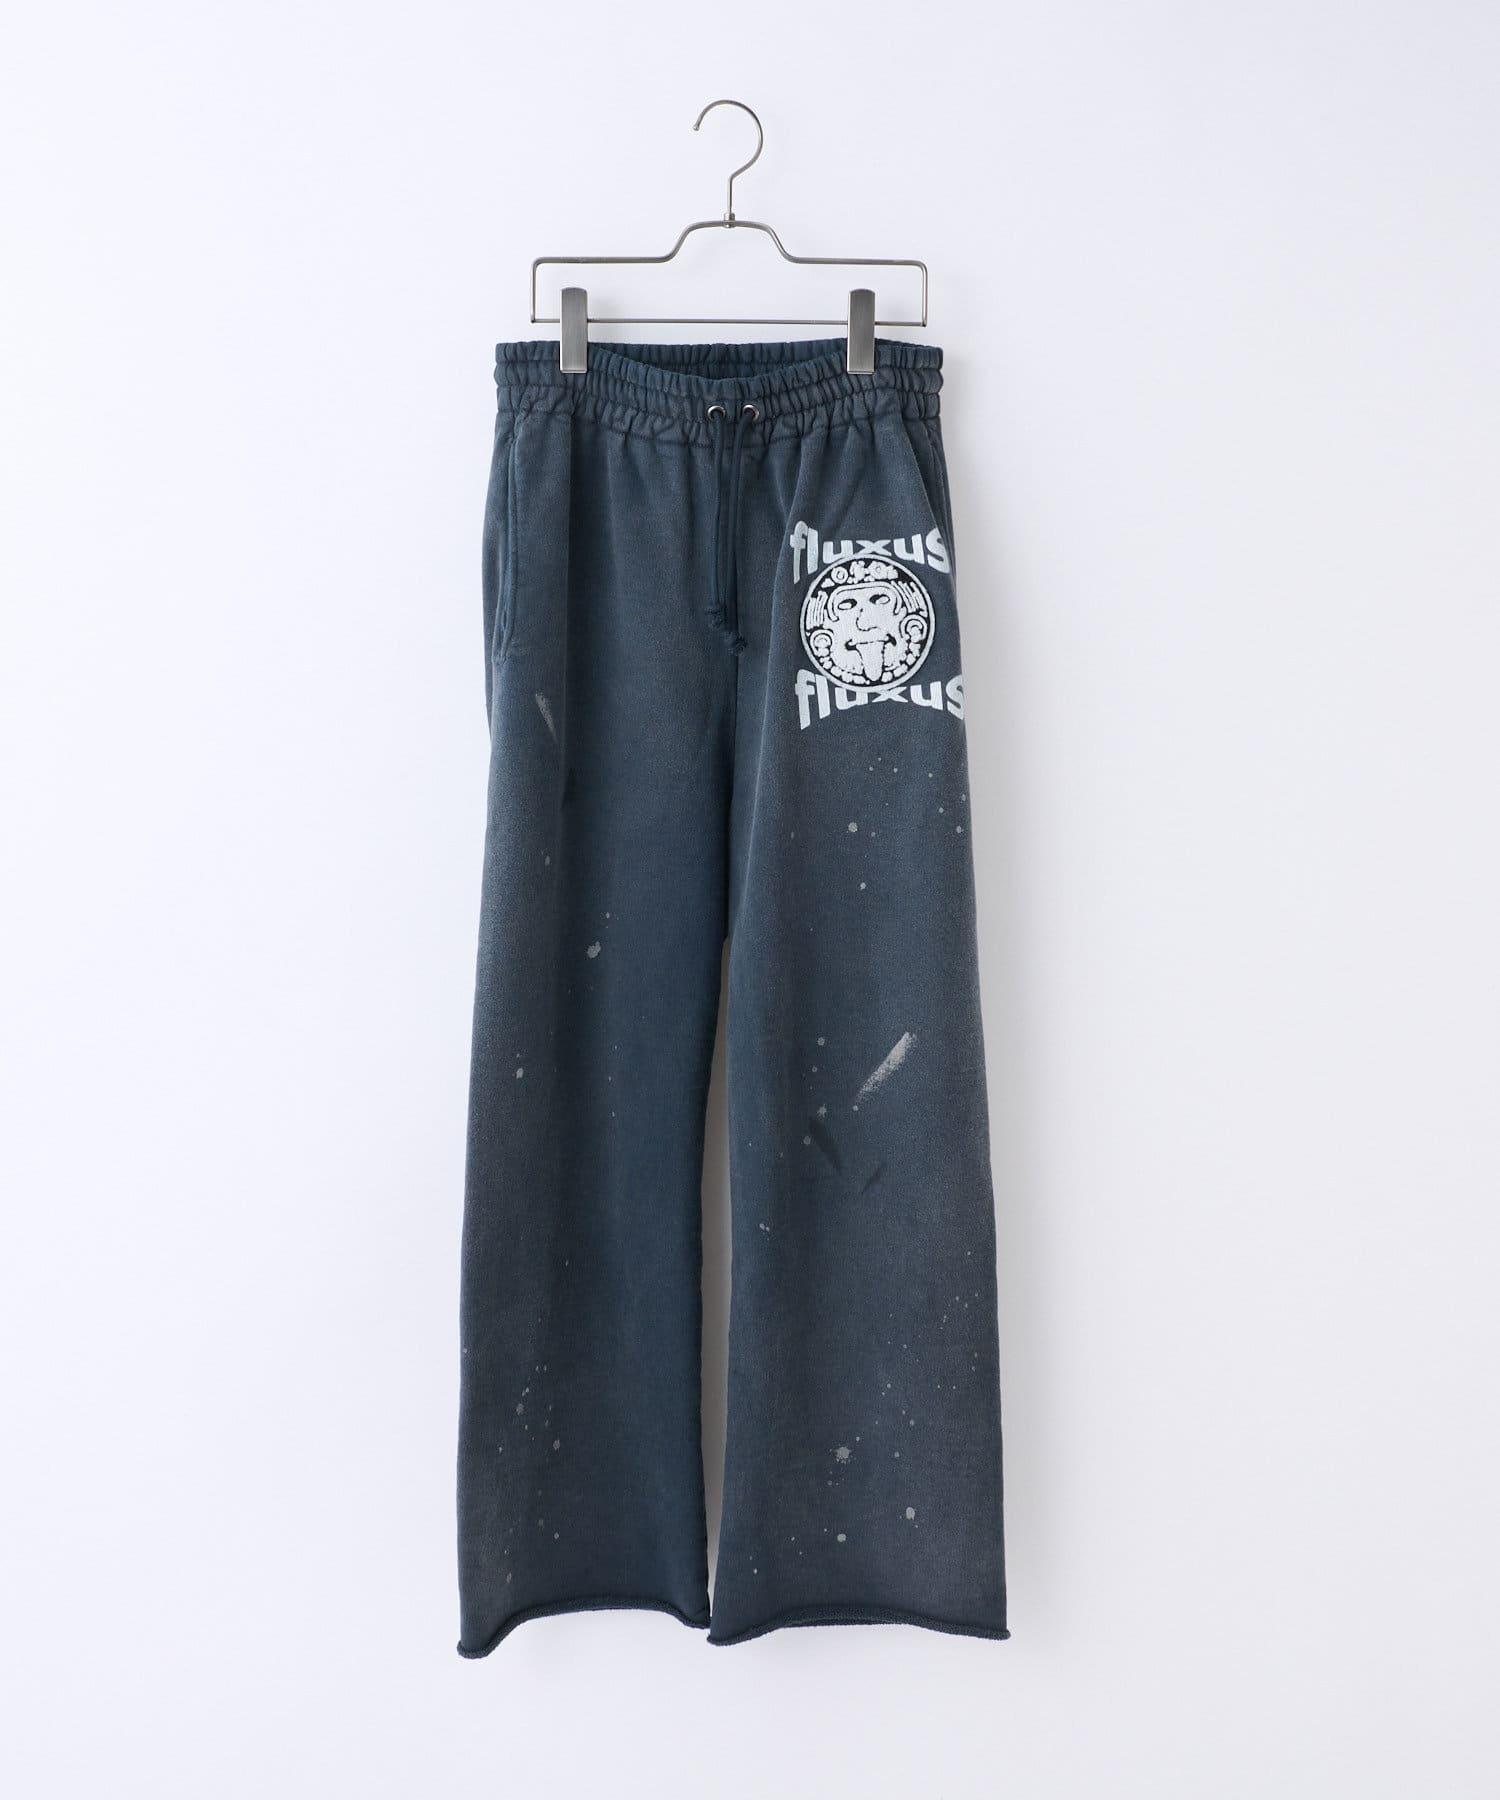 CIAOPANIC(チャオパニック) 【BOWWOW / バウワウ】FLUX SWEAT PANTS